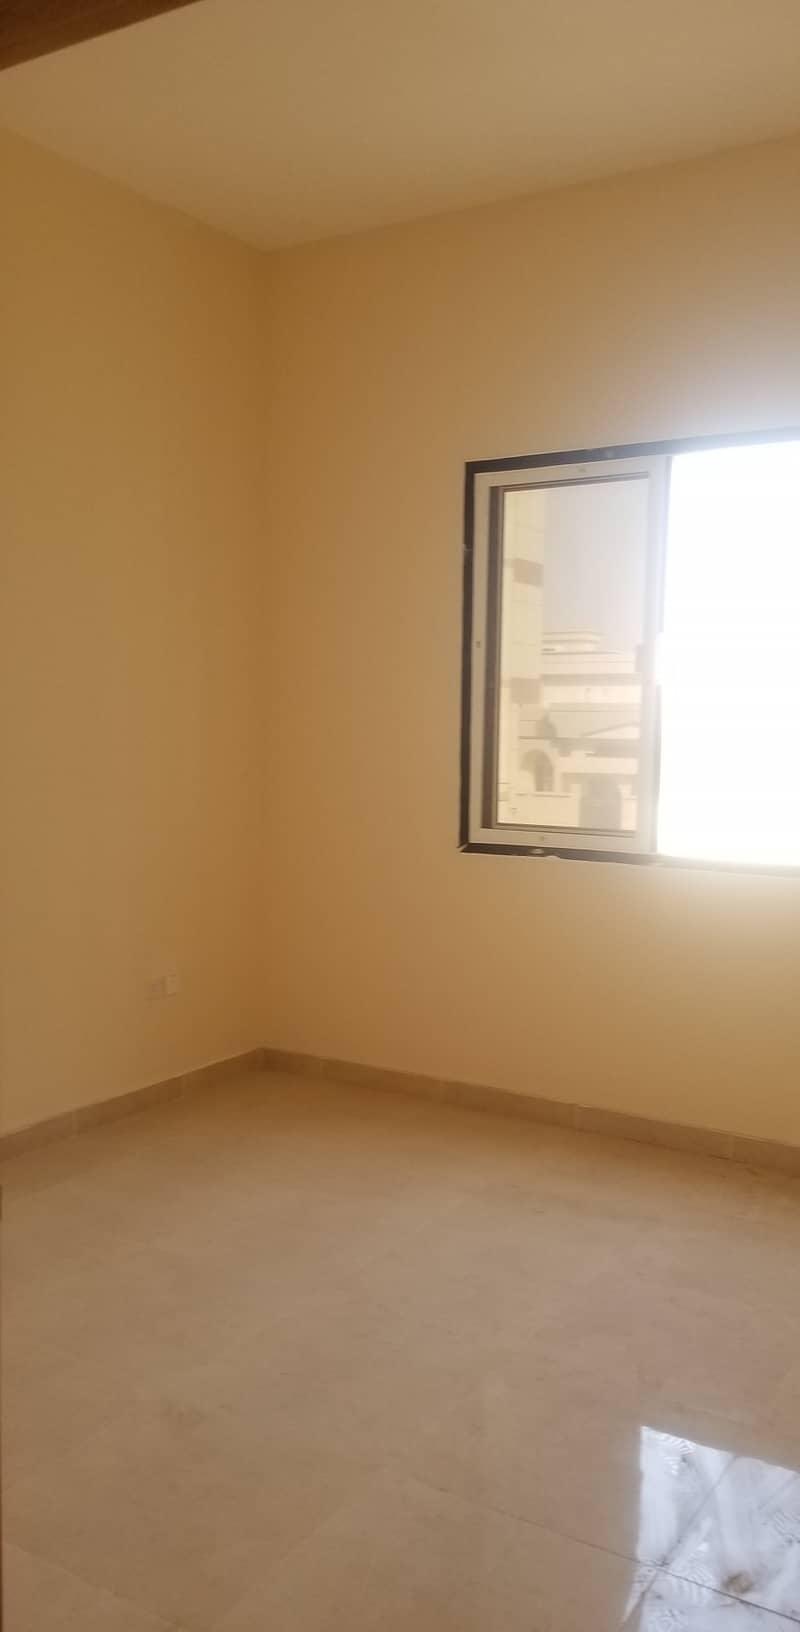 شقة في الحميدية 1 غرف 22000 درهم - 4763556